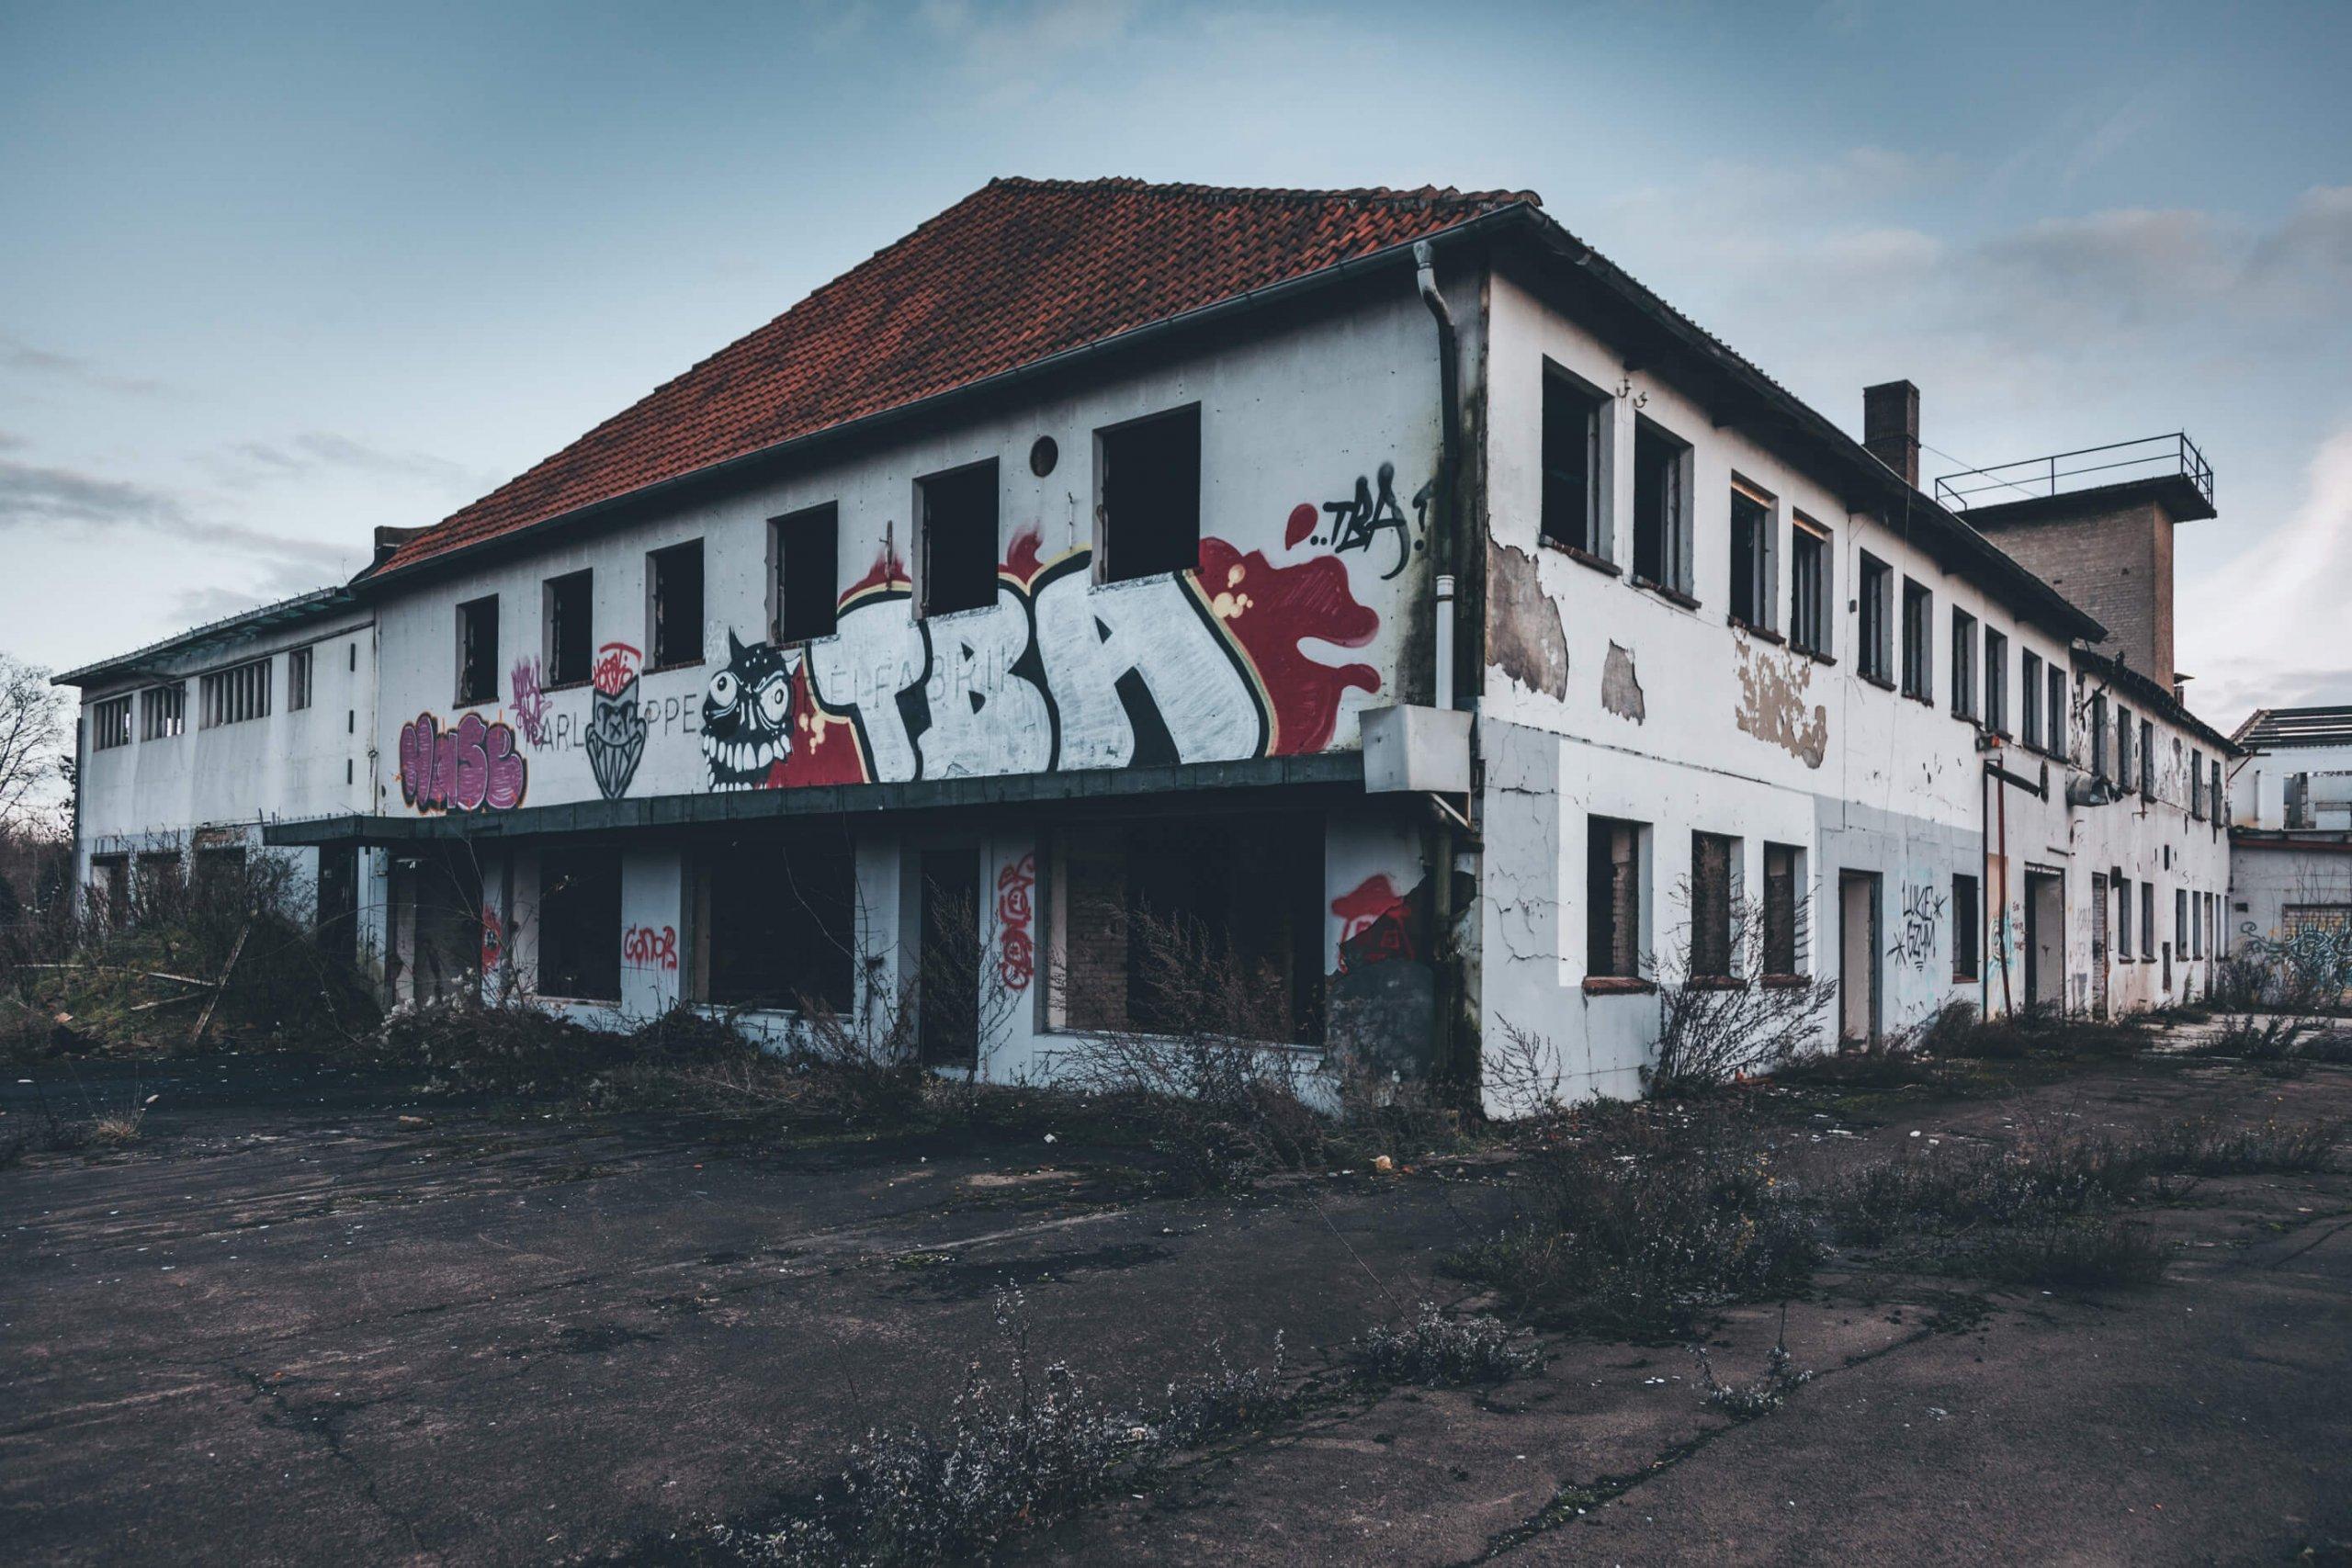 Möbel König - Bad Oeynhausen